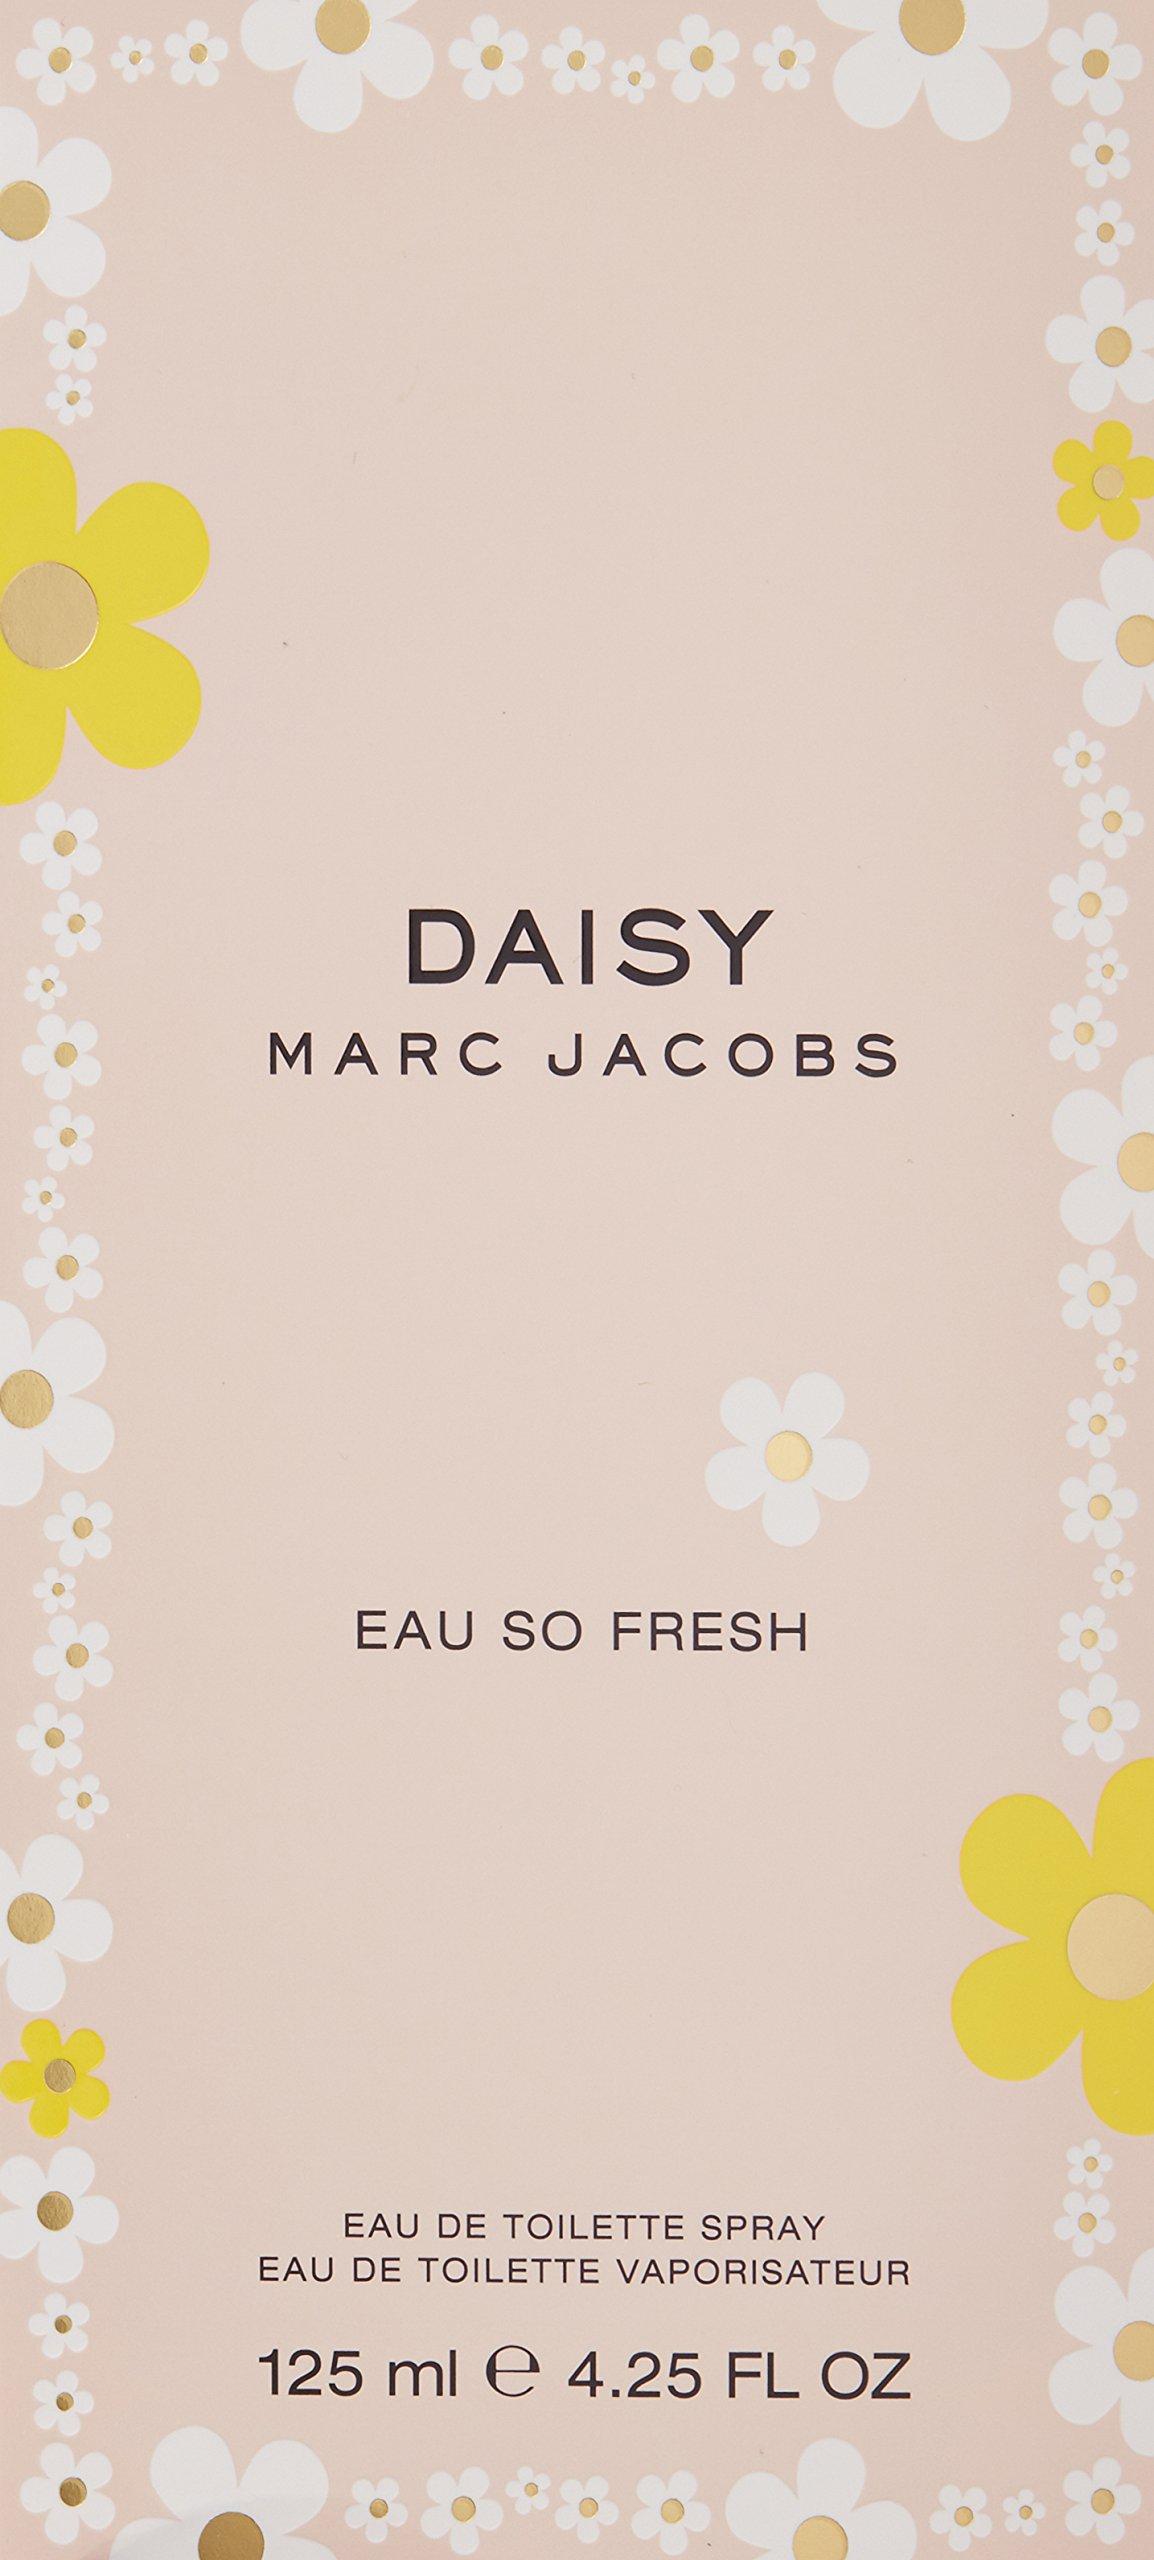 Marc Jacobs Daisy Eau So Fresh Eau de Toilette Spray-125ml/4.25 oz. by Marc Jacobs (Image #3)